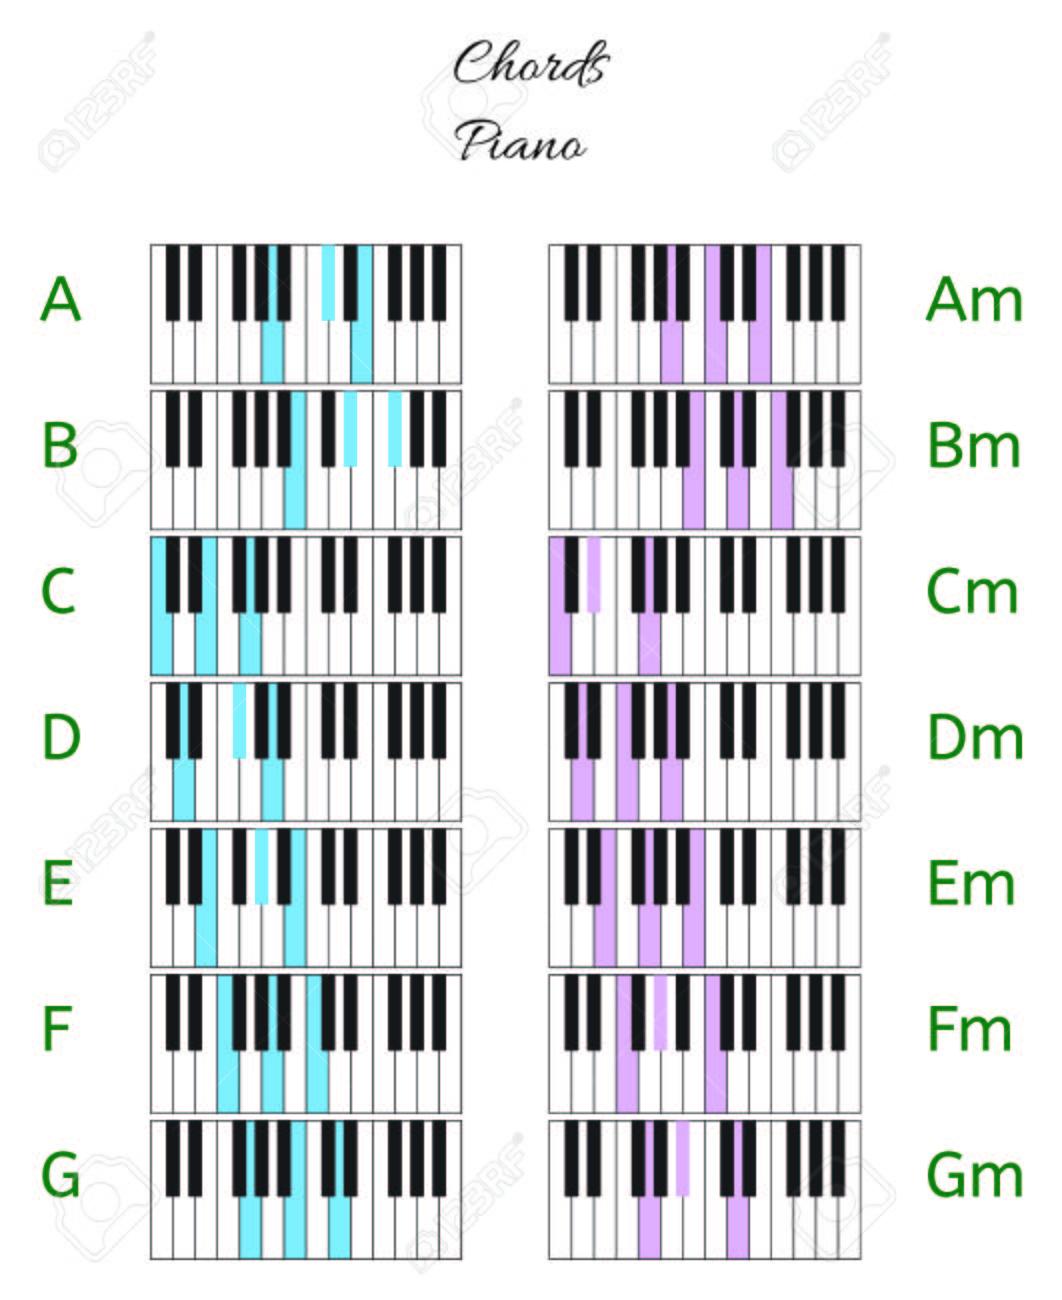 Piano acordes con la infografía teclado con los nombres de acordes aislados  en blanco